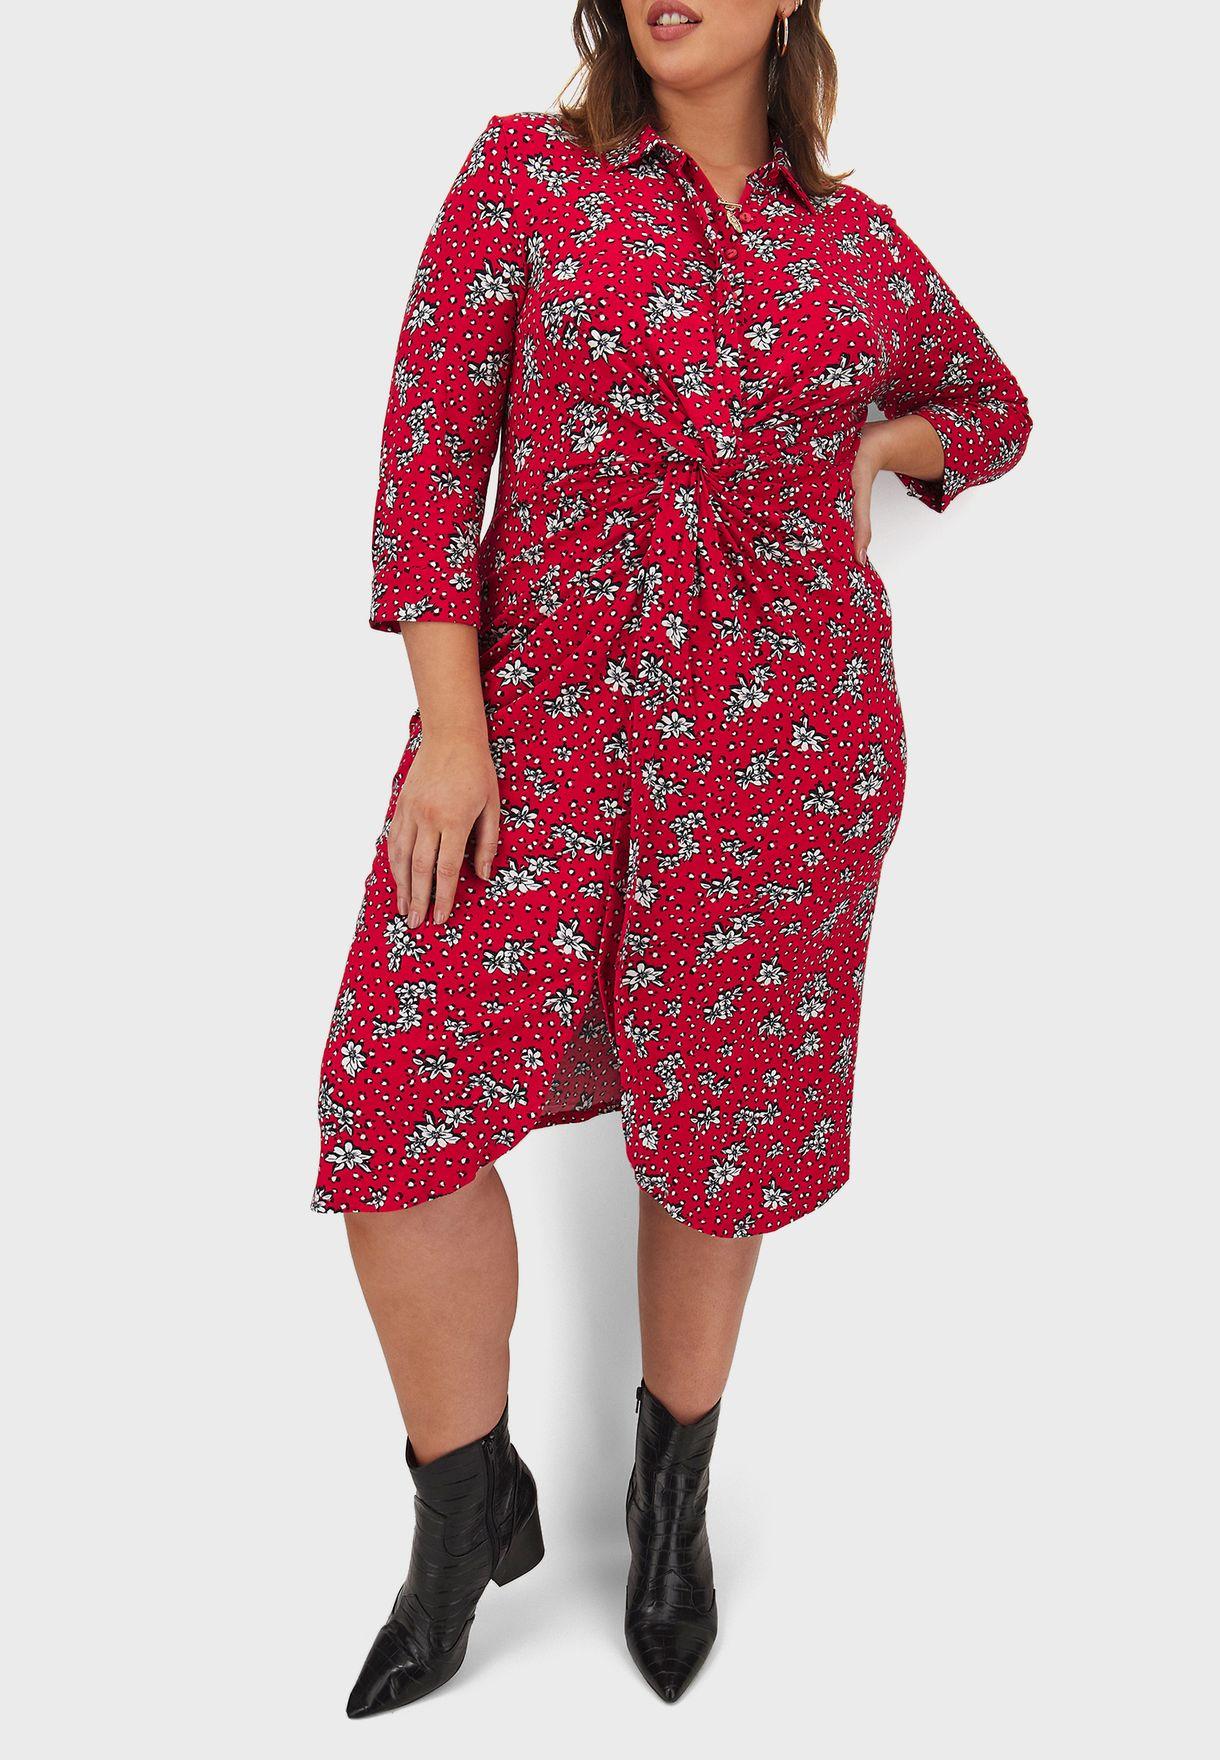 فستان بعقدة امامية مزين بطبعات ازهار